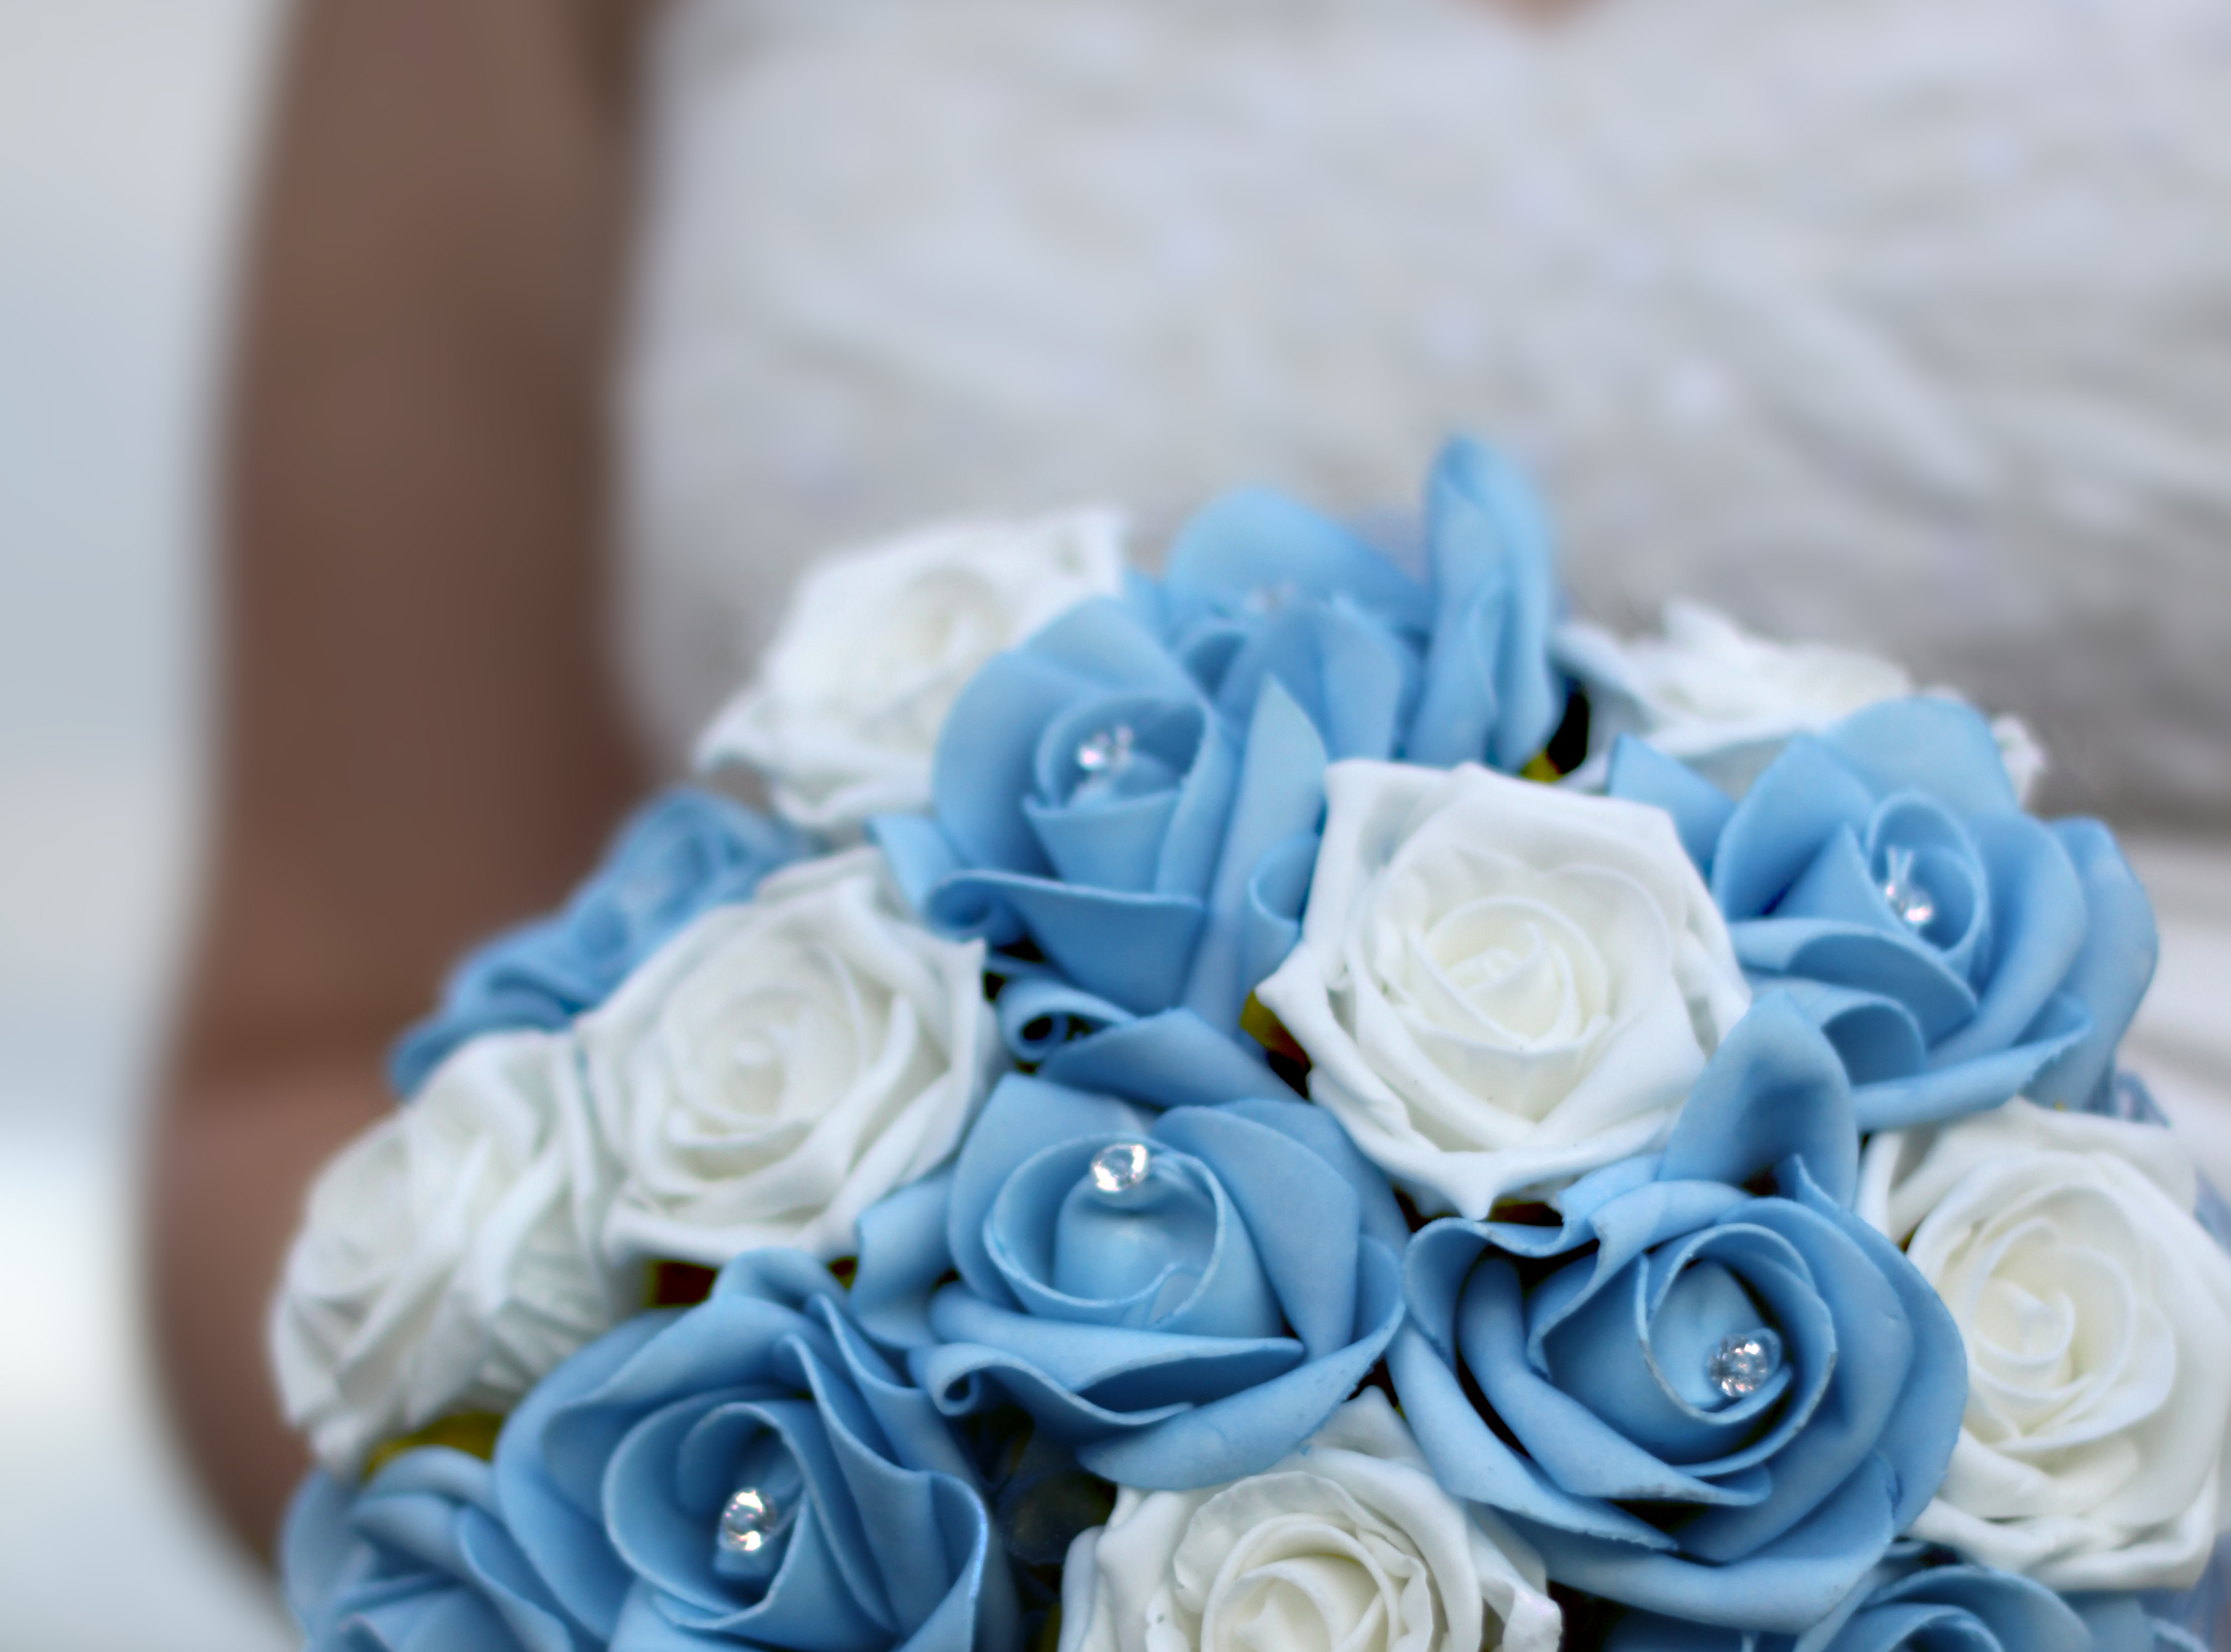 Matrimonio Fiori Azzurri : Fiori e decorazioni per un matrimonio blue serenity il